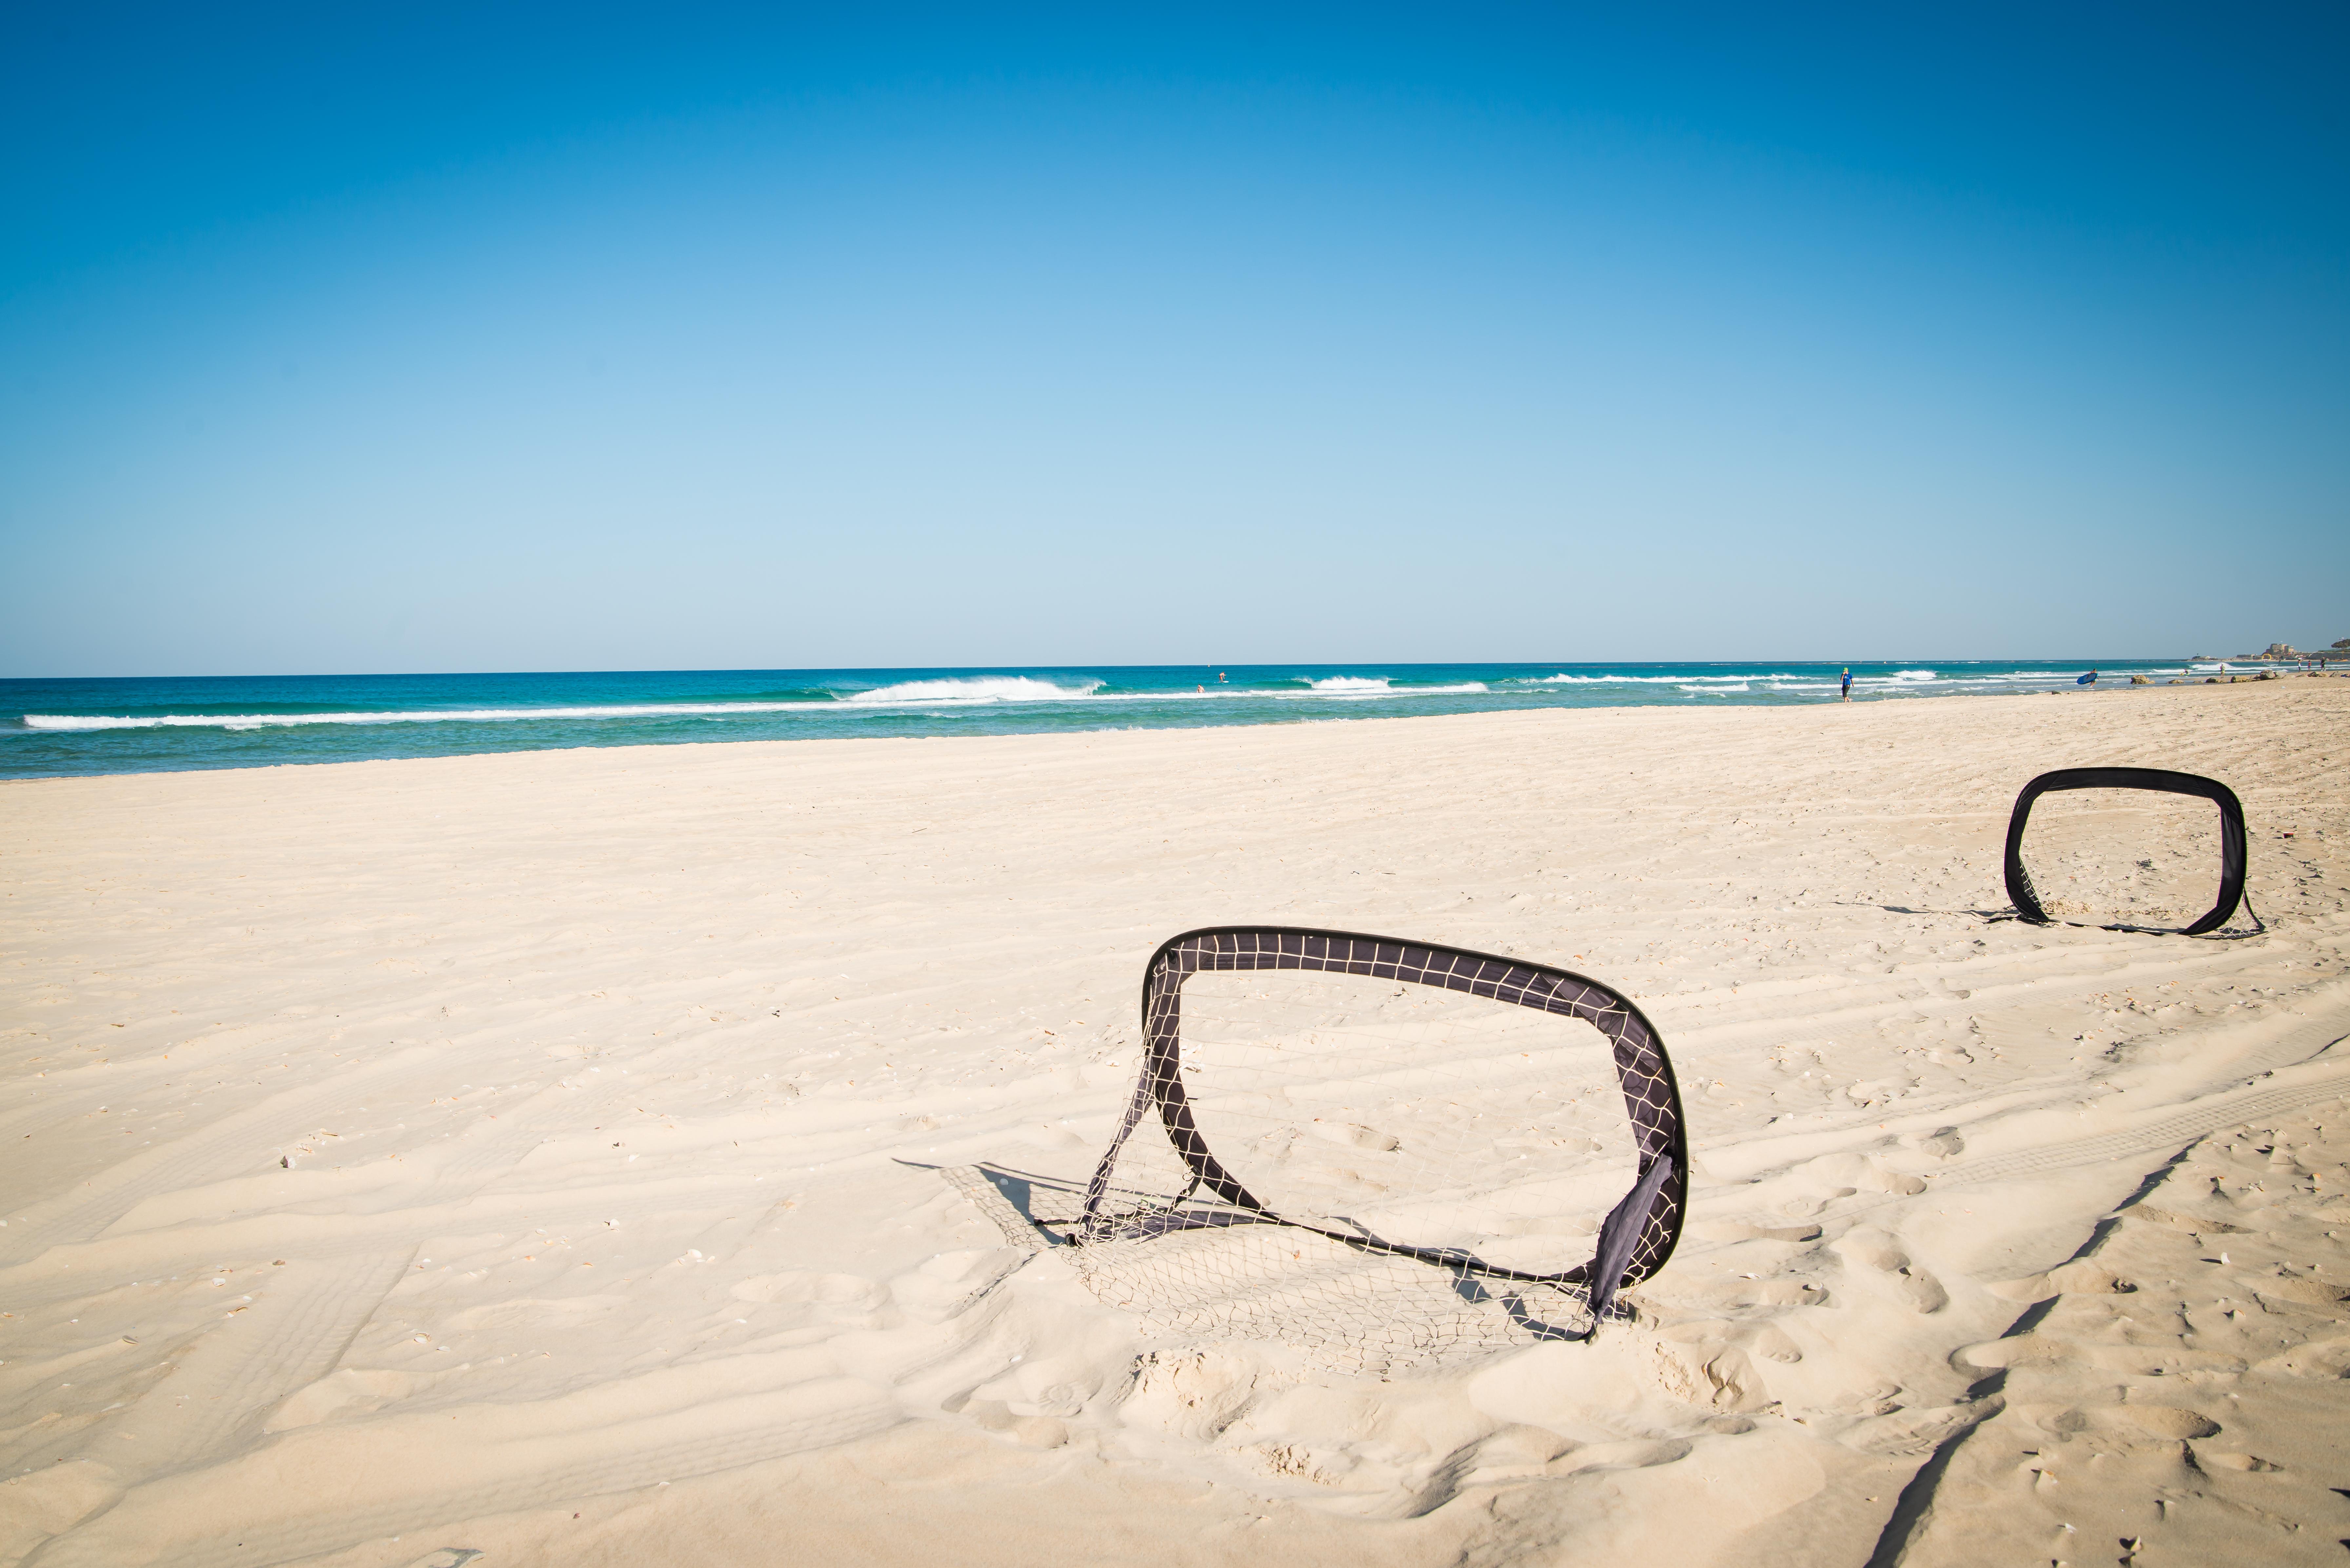 מיני שערי כדורגל לחוף הים